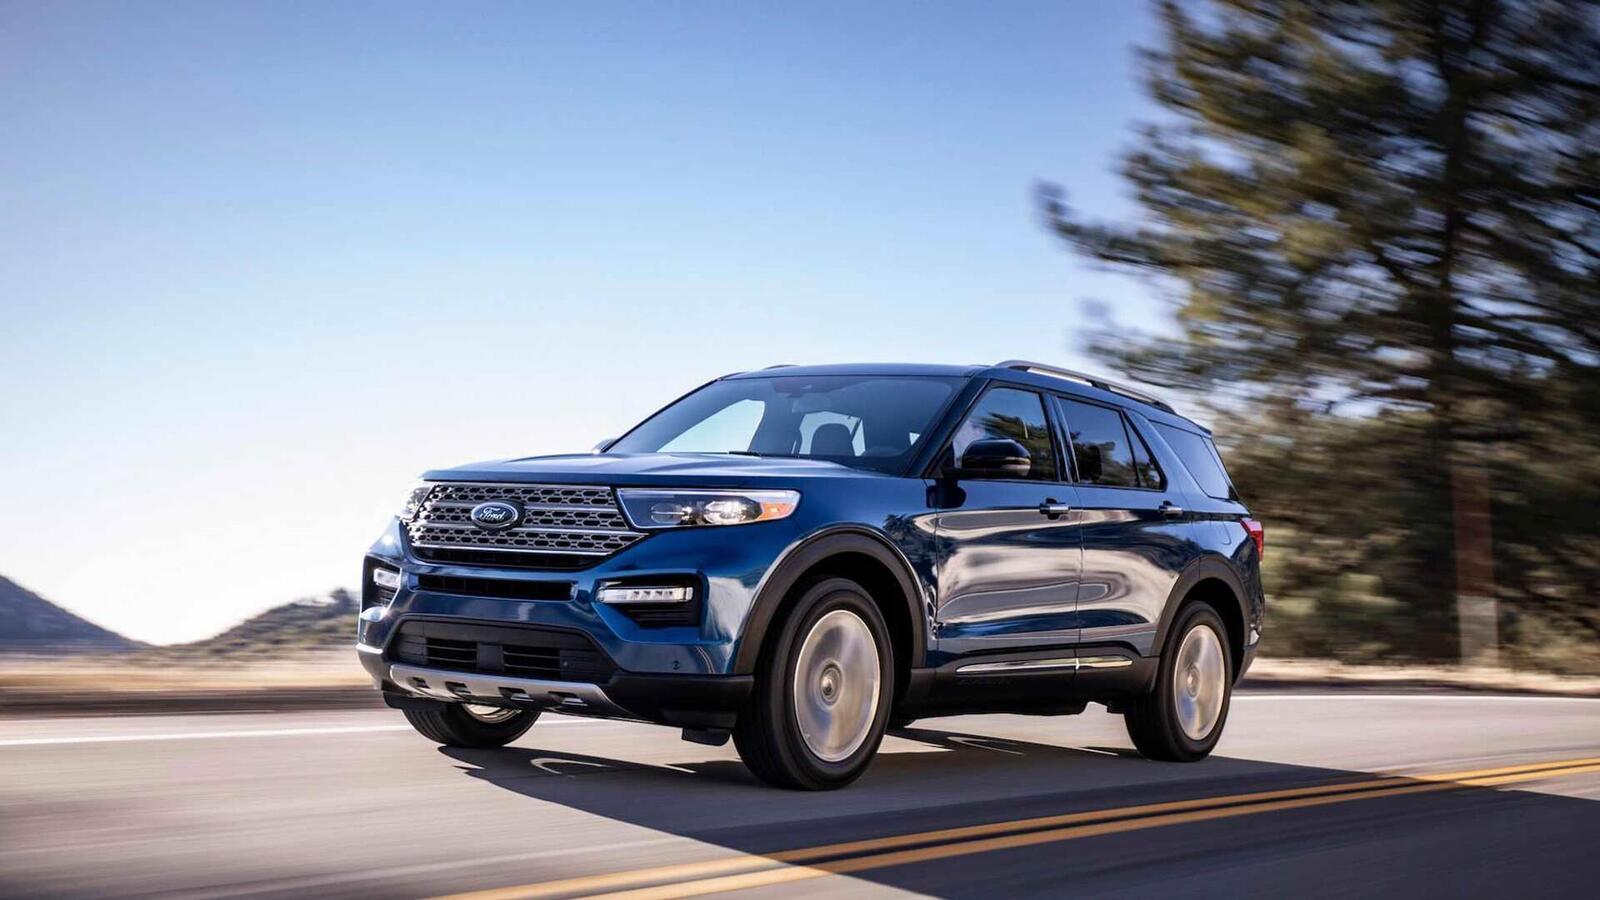 Ford Explorer 2020 thế hệ mới ra mắt; thiết kế mới và cải thiện khả năng vận hành - Hình 3